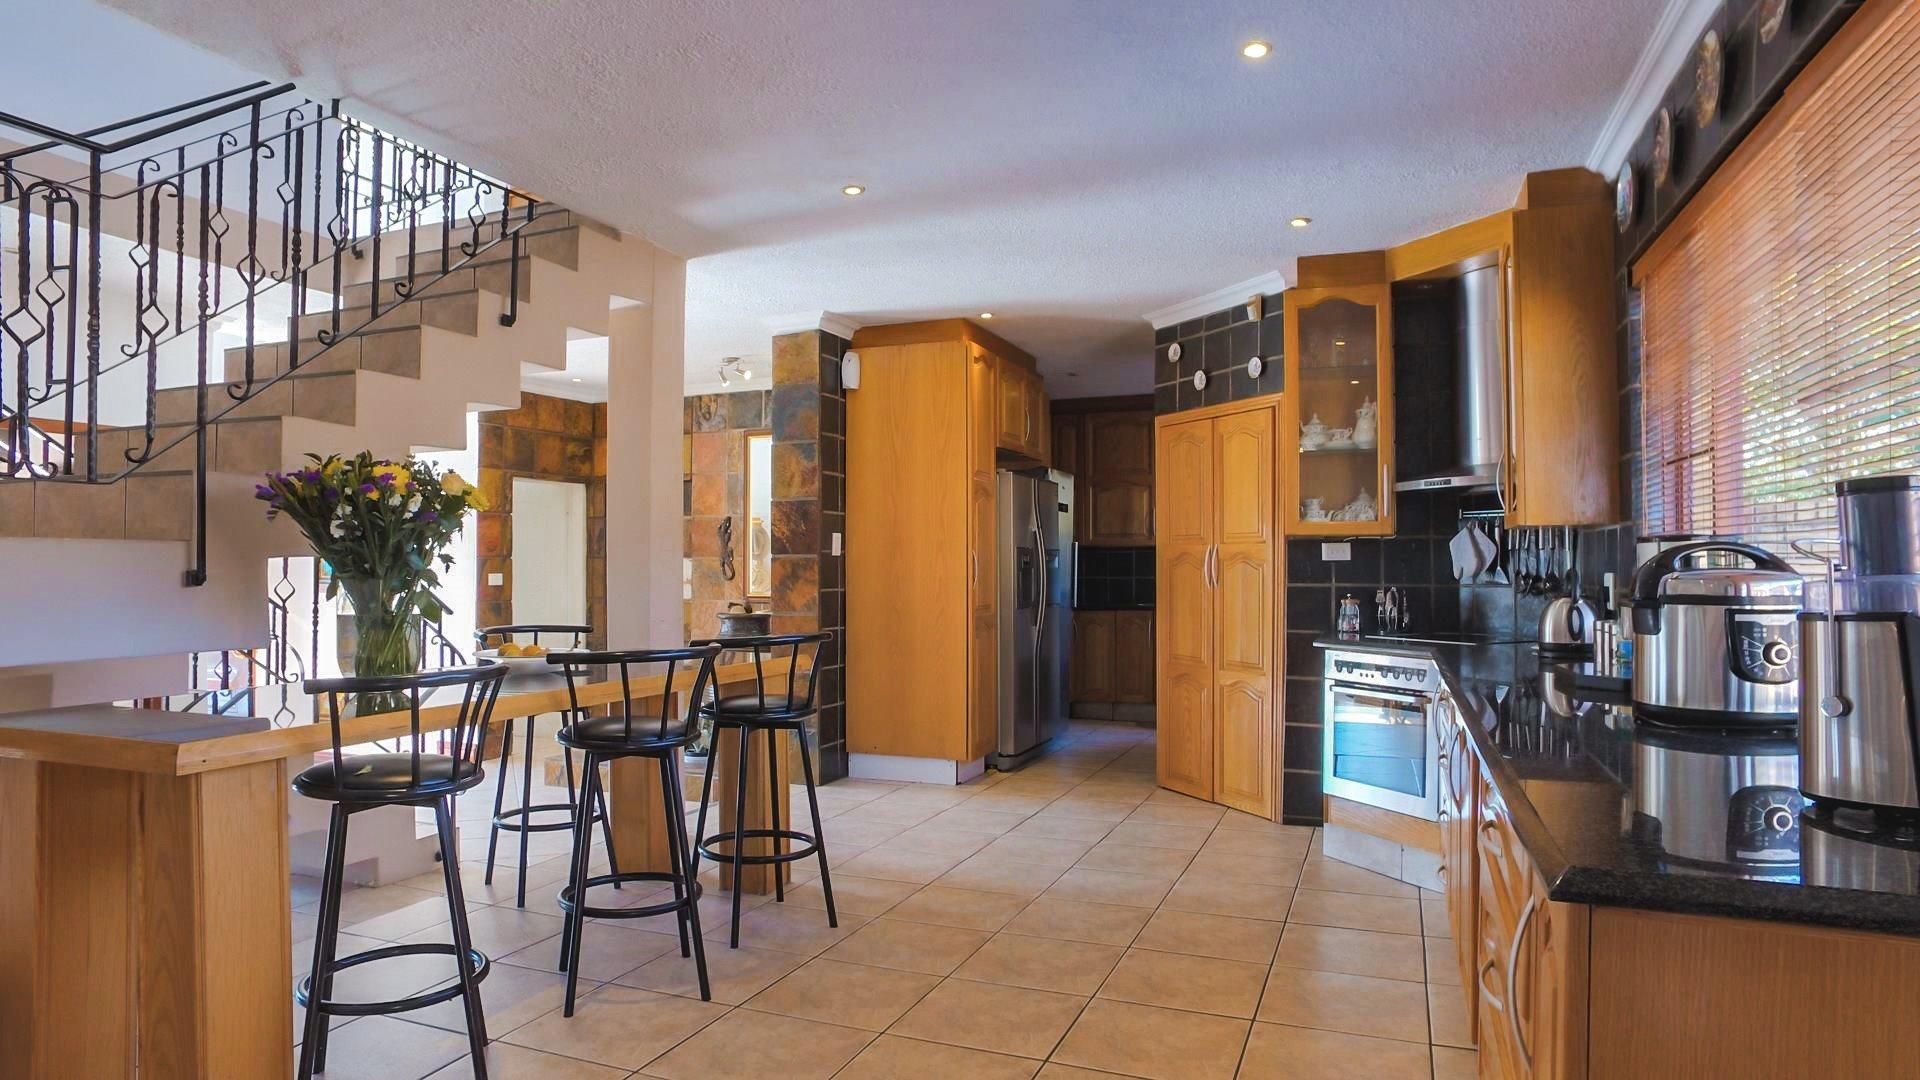 Irene Glen Estate property for sale. Ref No: 13471902. Picture no 3